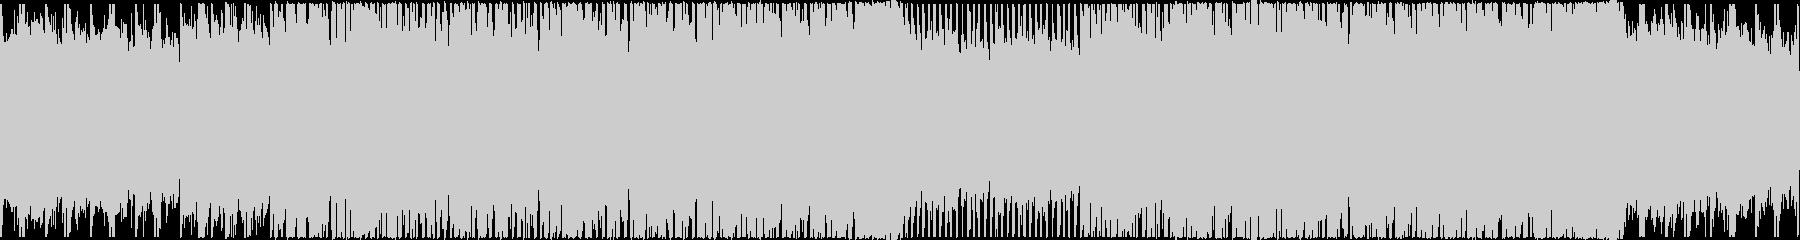 【ループ】お洒落で軽快なクール系テクノの未再生の波形